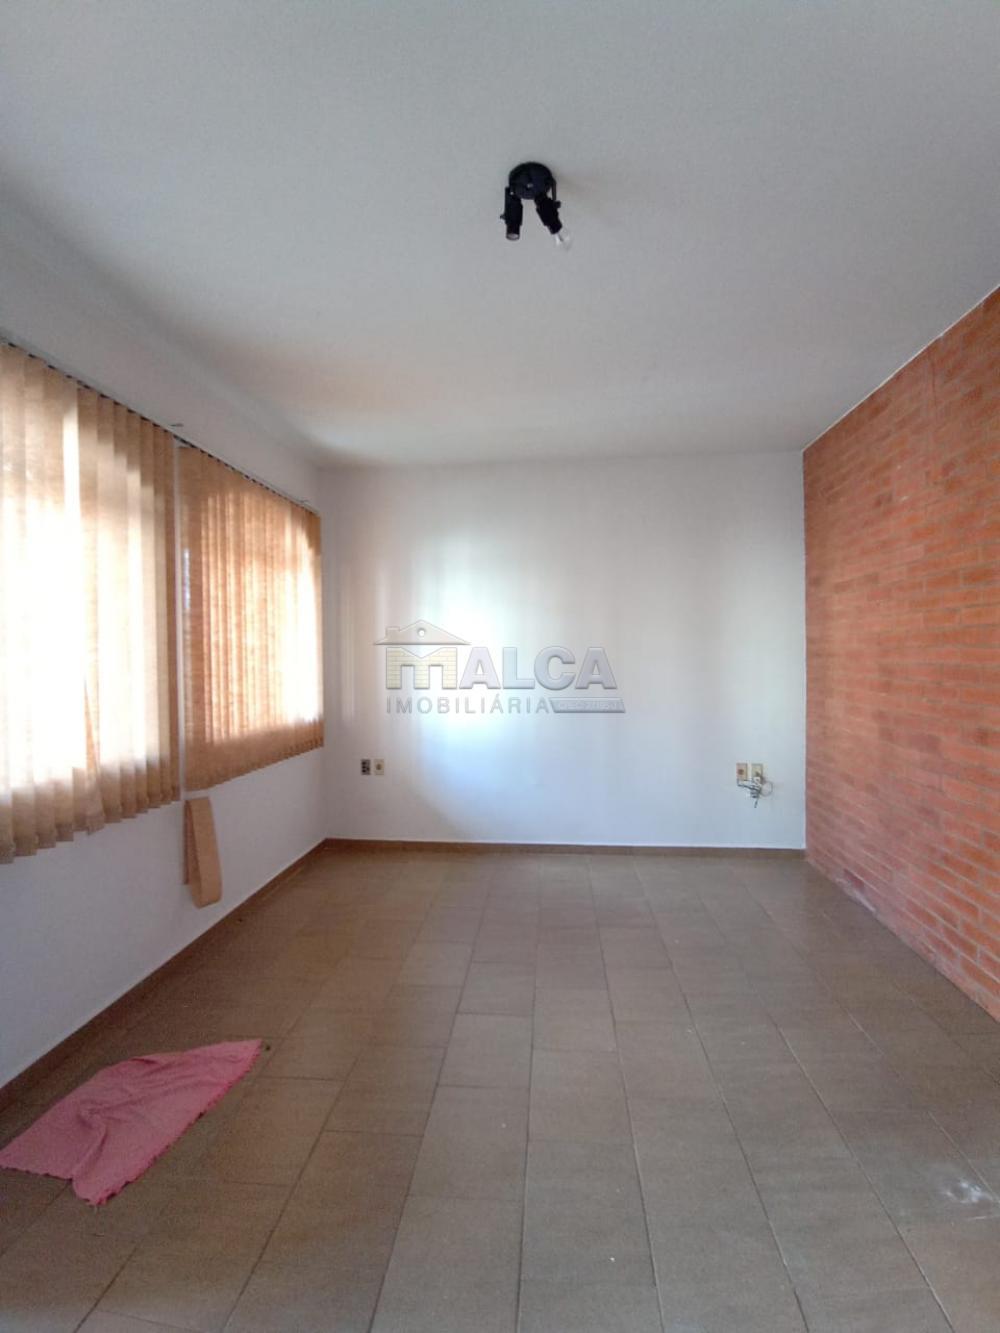 Alugar Casas / Padrão em São José do Rio Pardo apenas R$ 1.500,00 - Foto 6